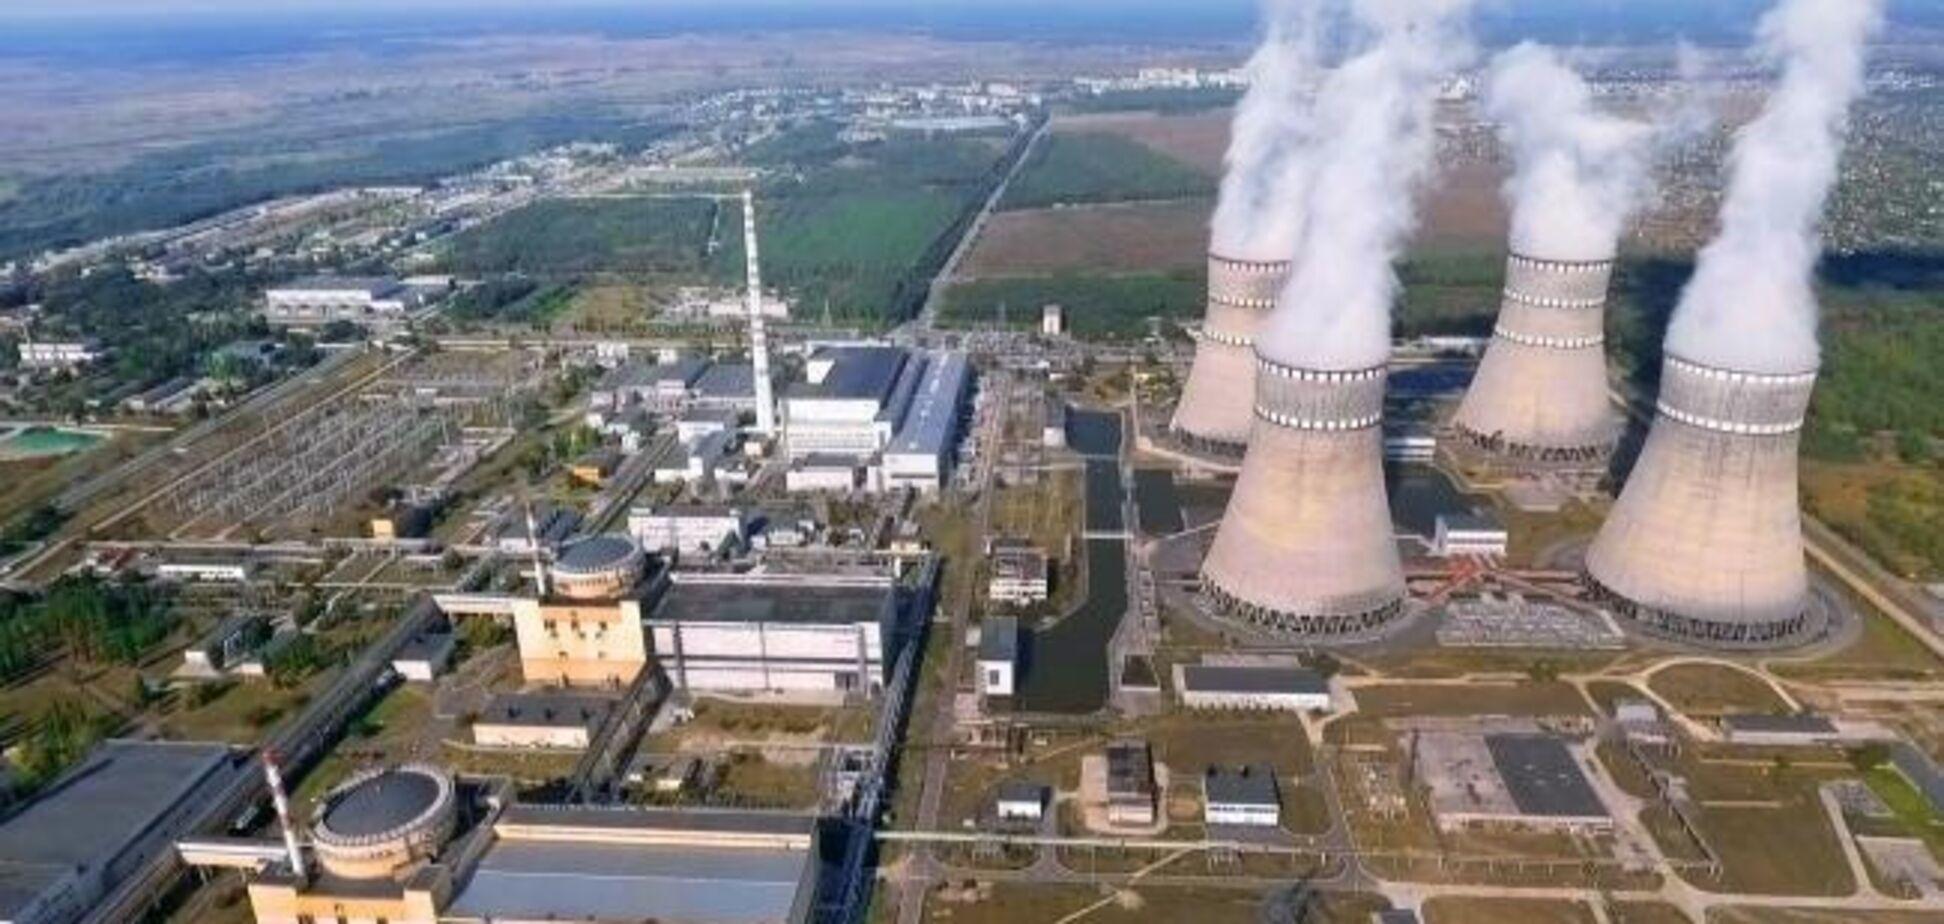 Чернобыль мог повториться этим летом: что сделал подрядчик 'ЮТЕМ' на Ровенской АЭС?